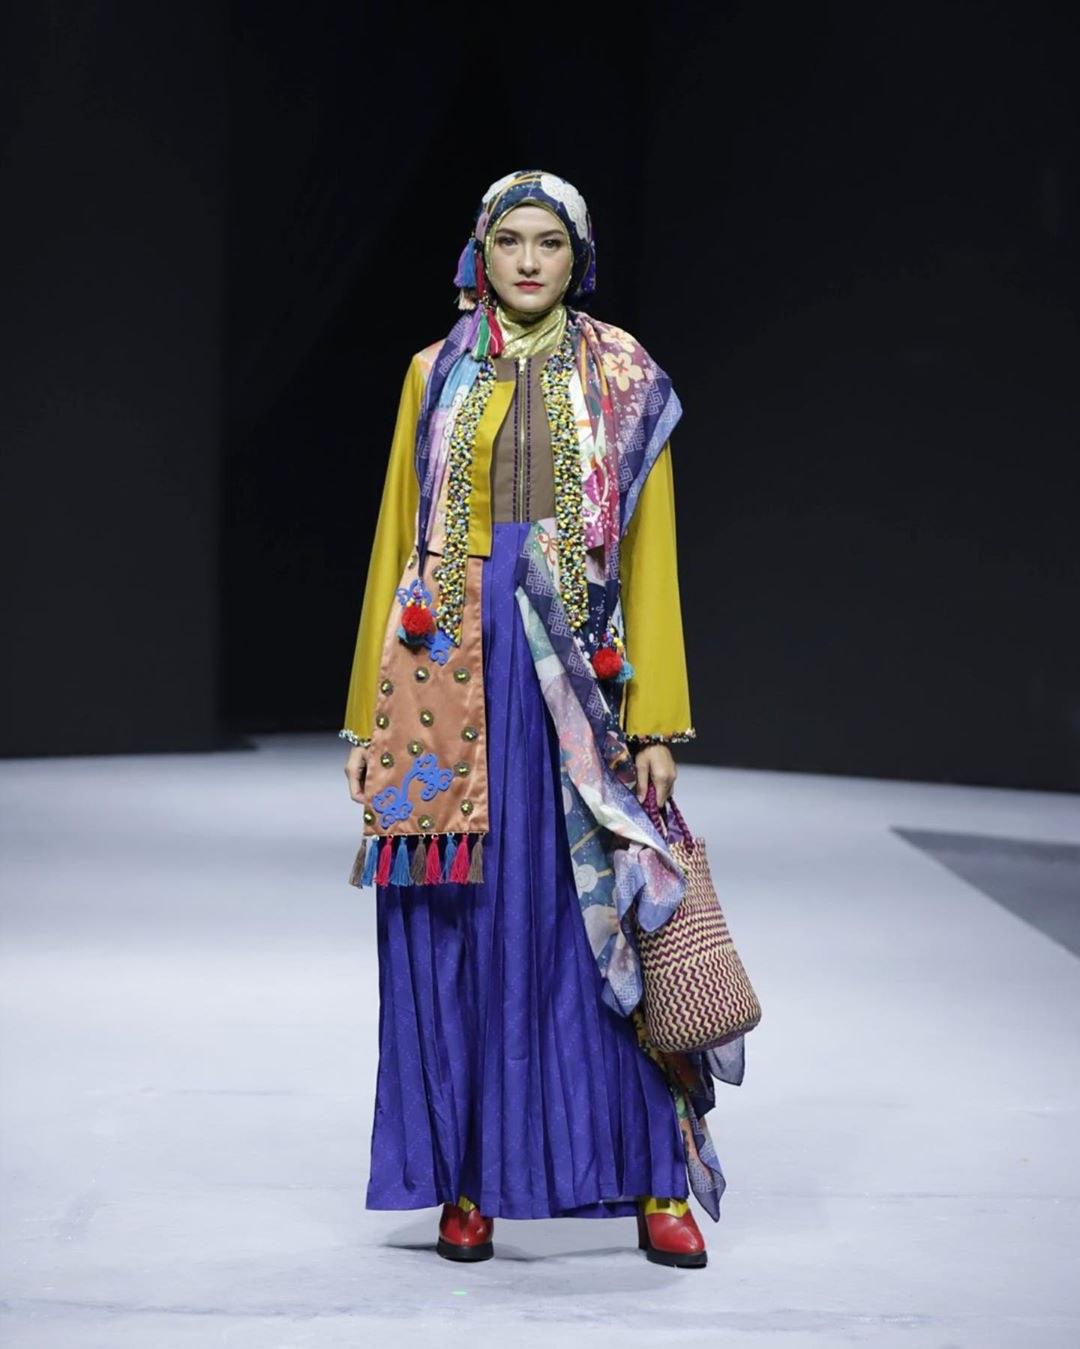 Design Ootd Baju Lebaran Remaja 2020 9ddf Inspirasi Model Baju Lebaran 2020 Dari Para Desainer